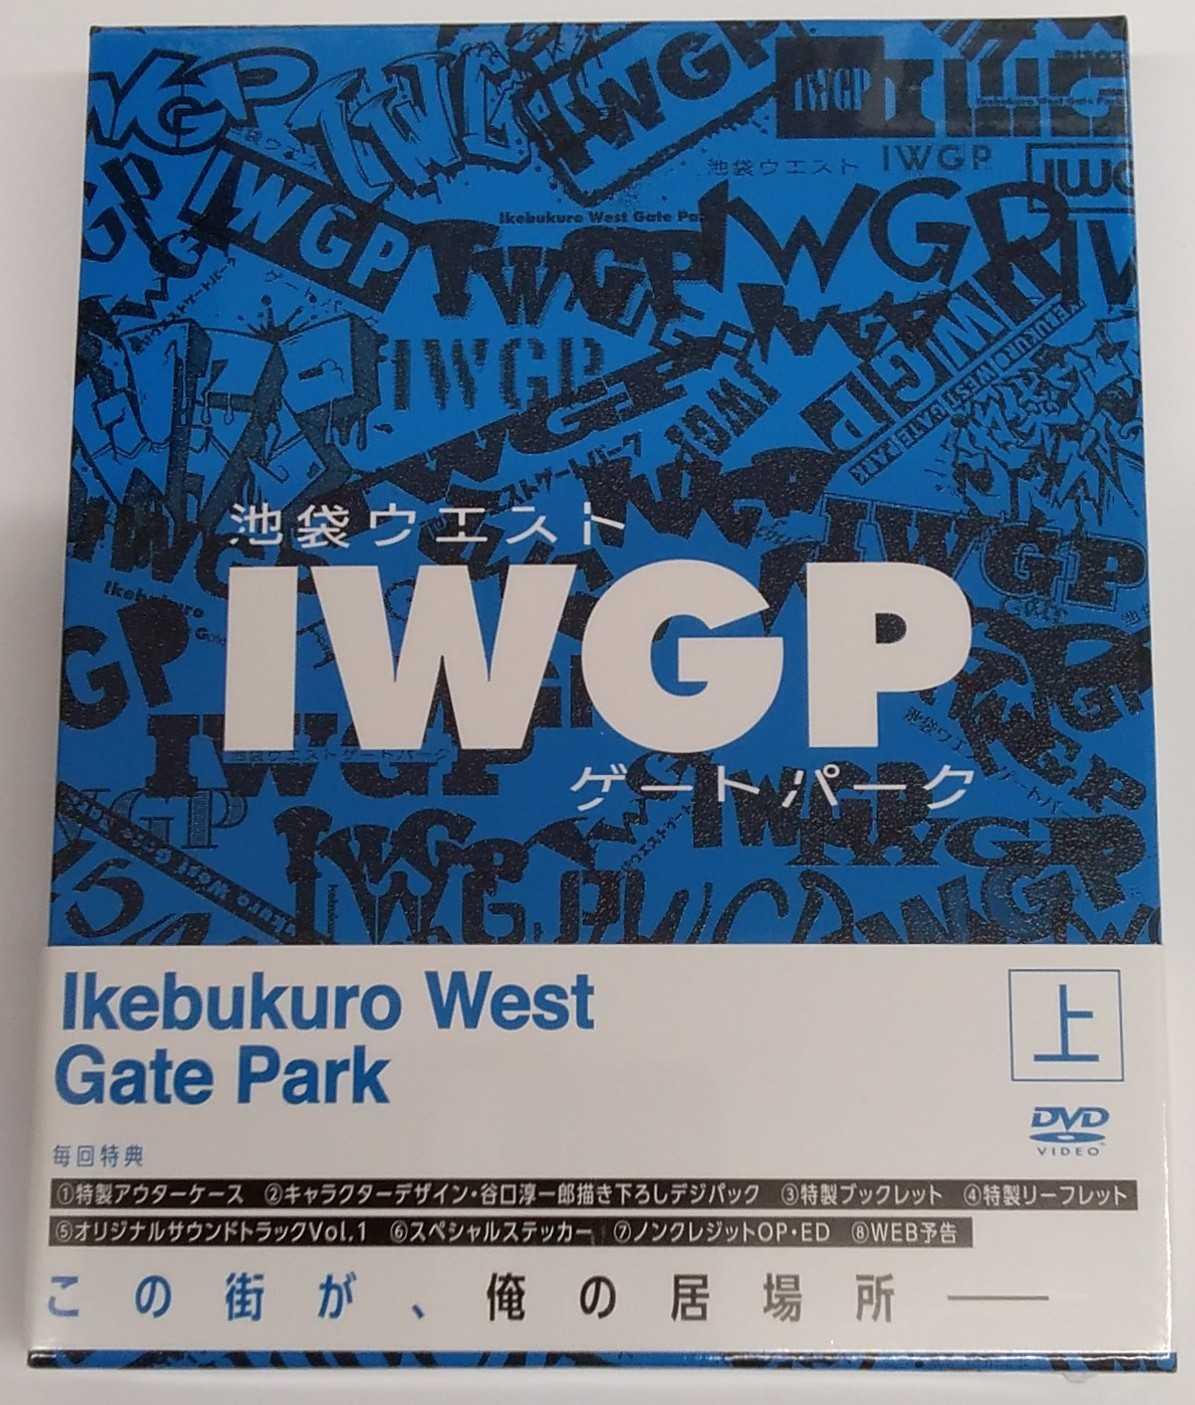 DVDBOX|KADOKAWA